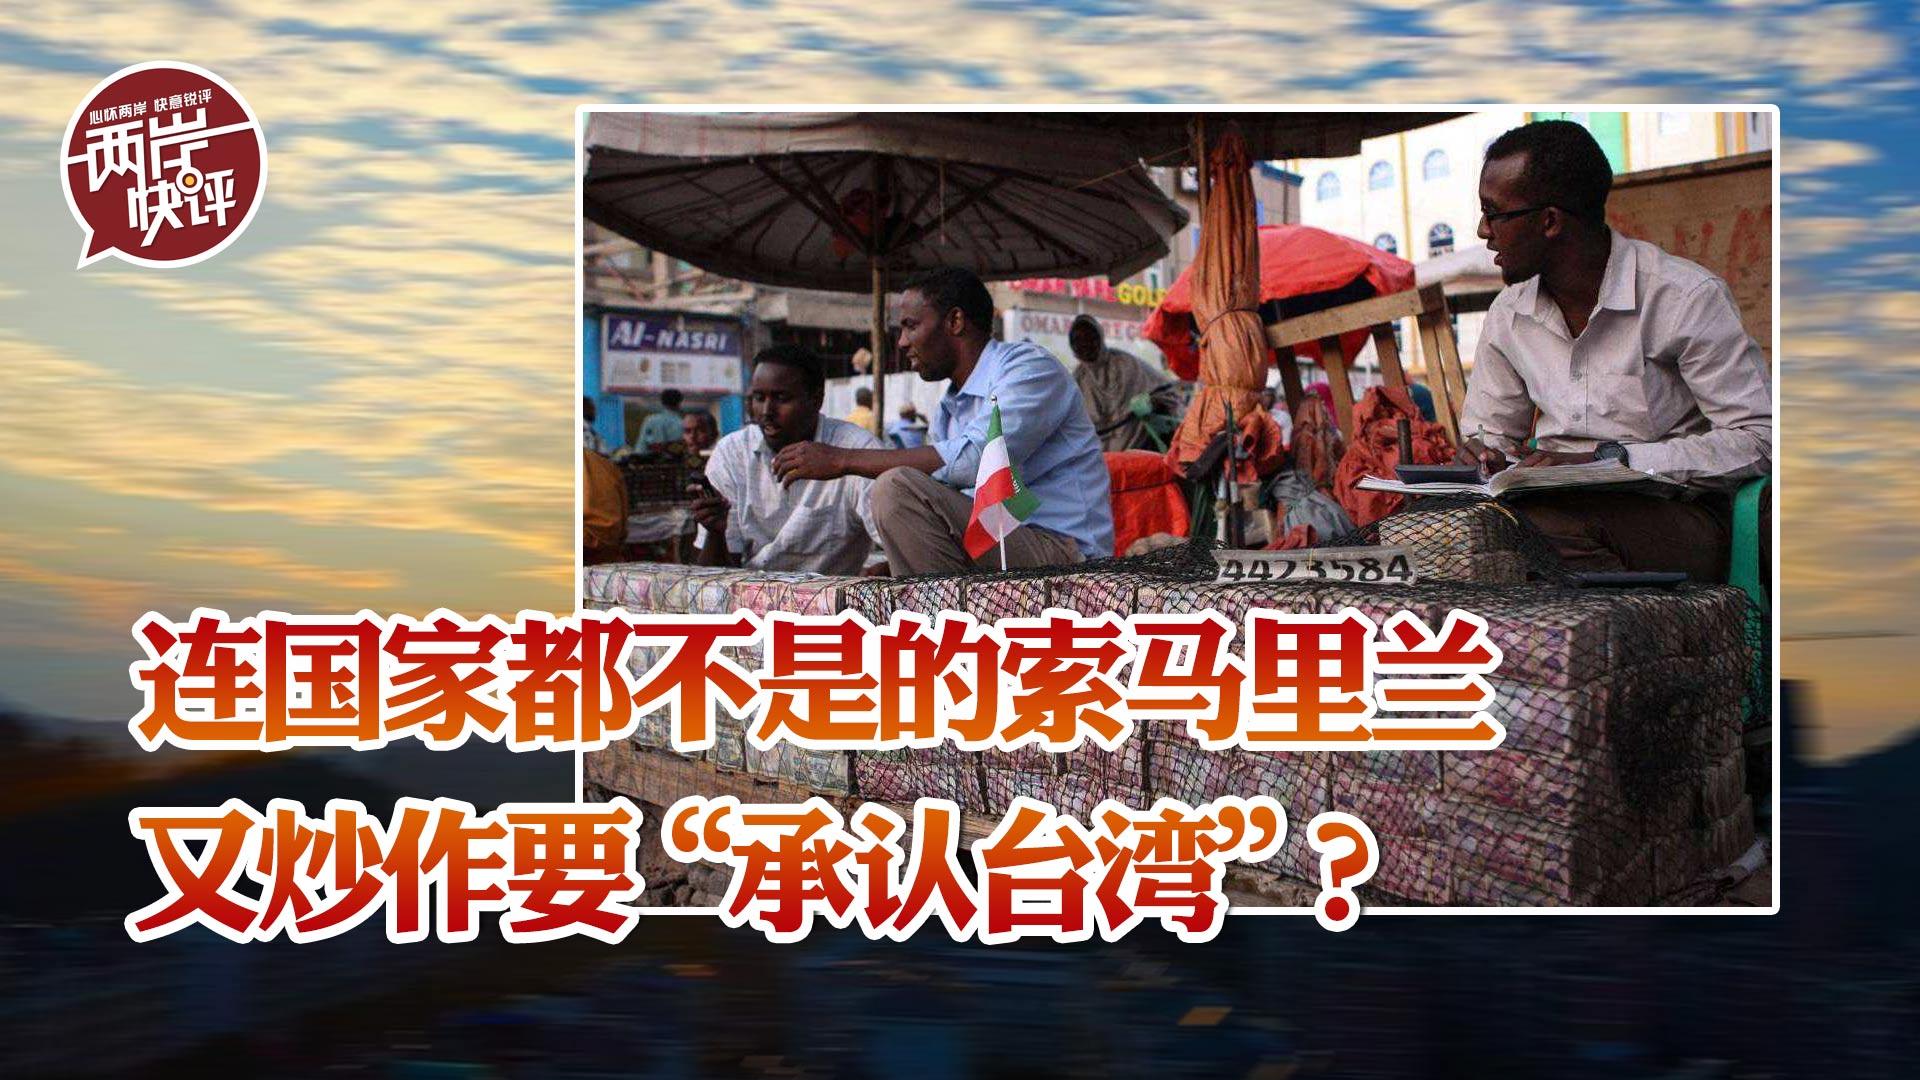 """台湾""""外交""""有""""大突破""""? 索马里兰与民进党当局持续炒作"""